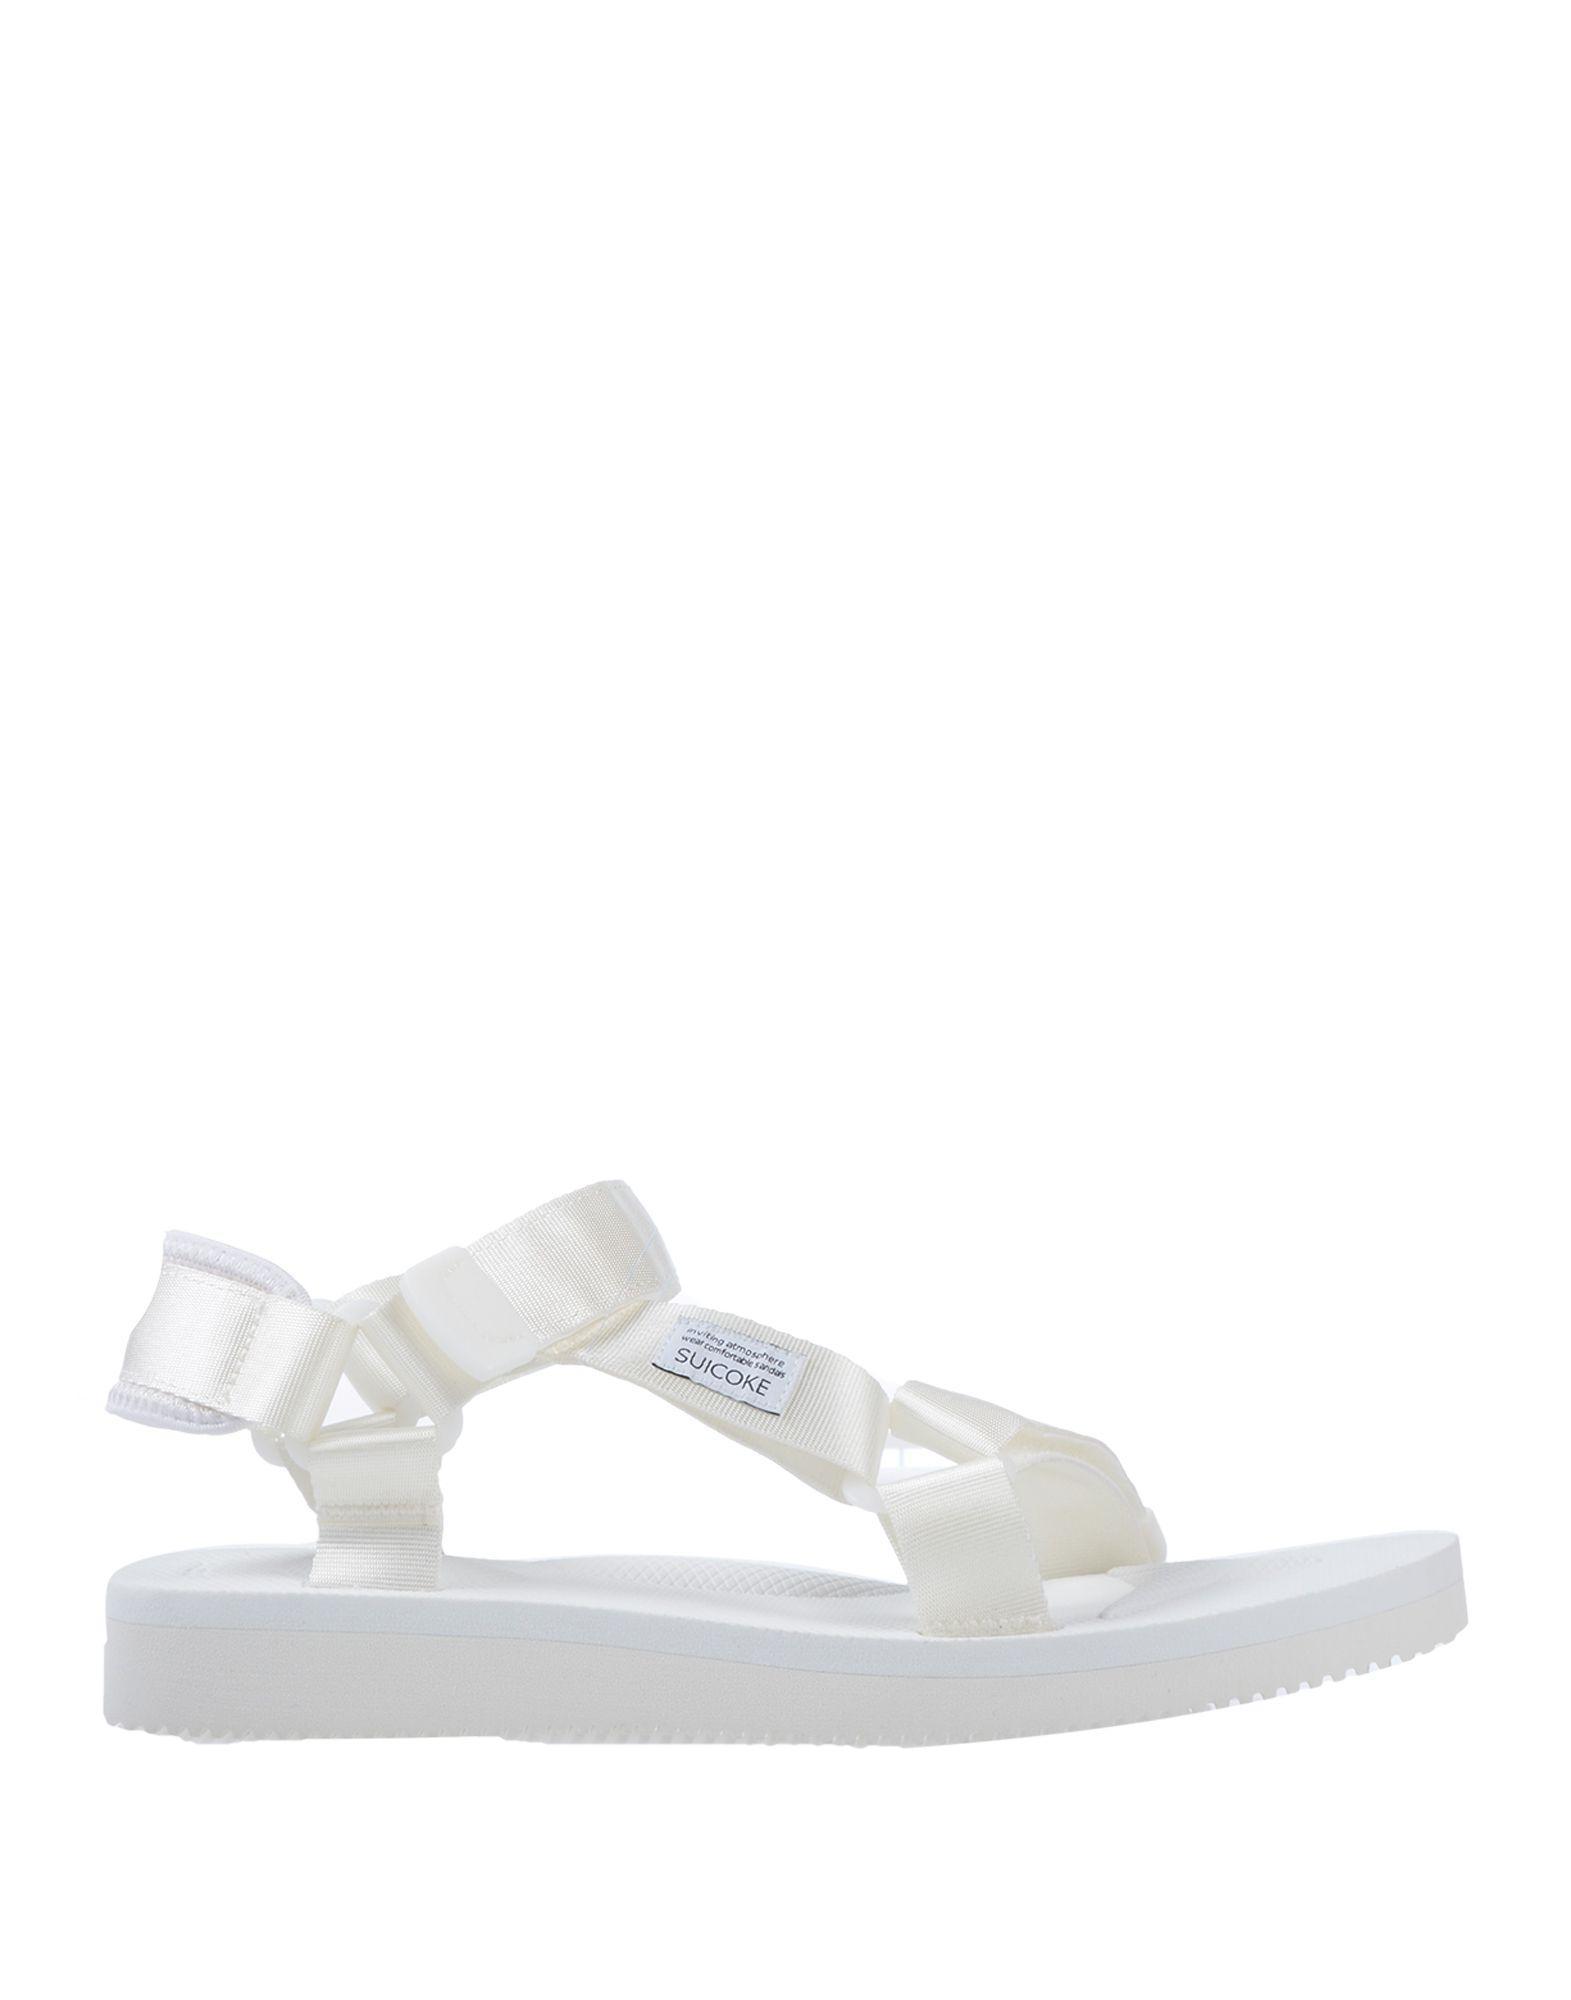 d388b547ed9 Suicoke - White Sandals for Men - Lyst. View fullscreen